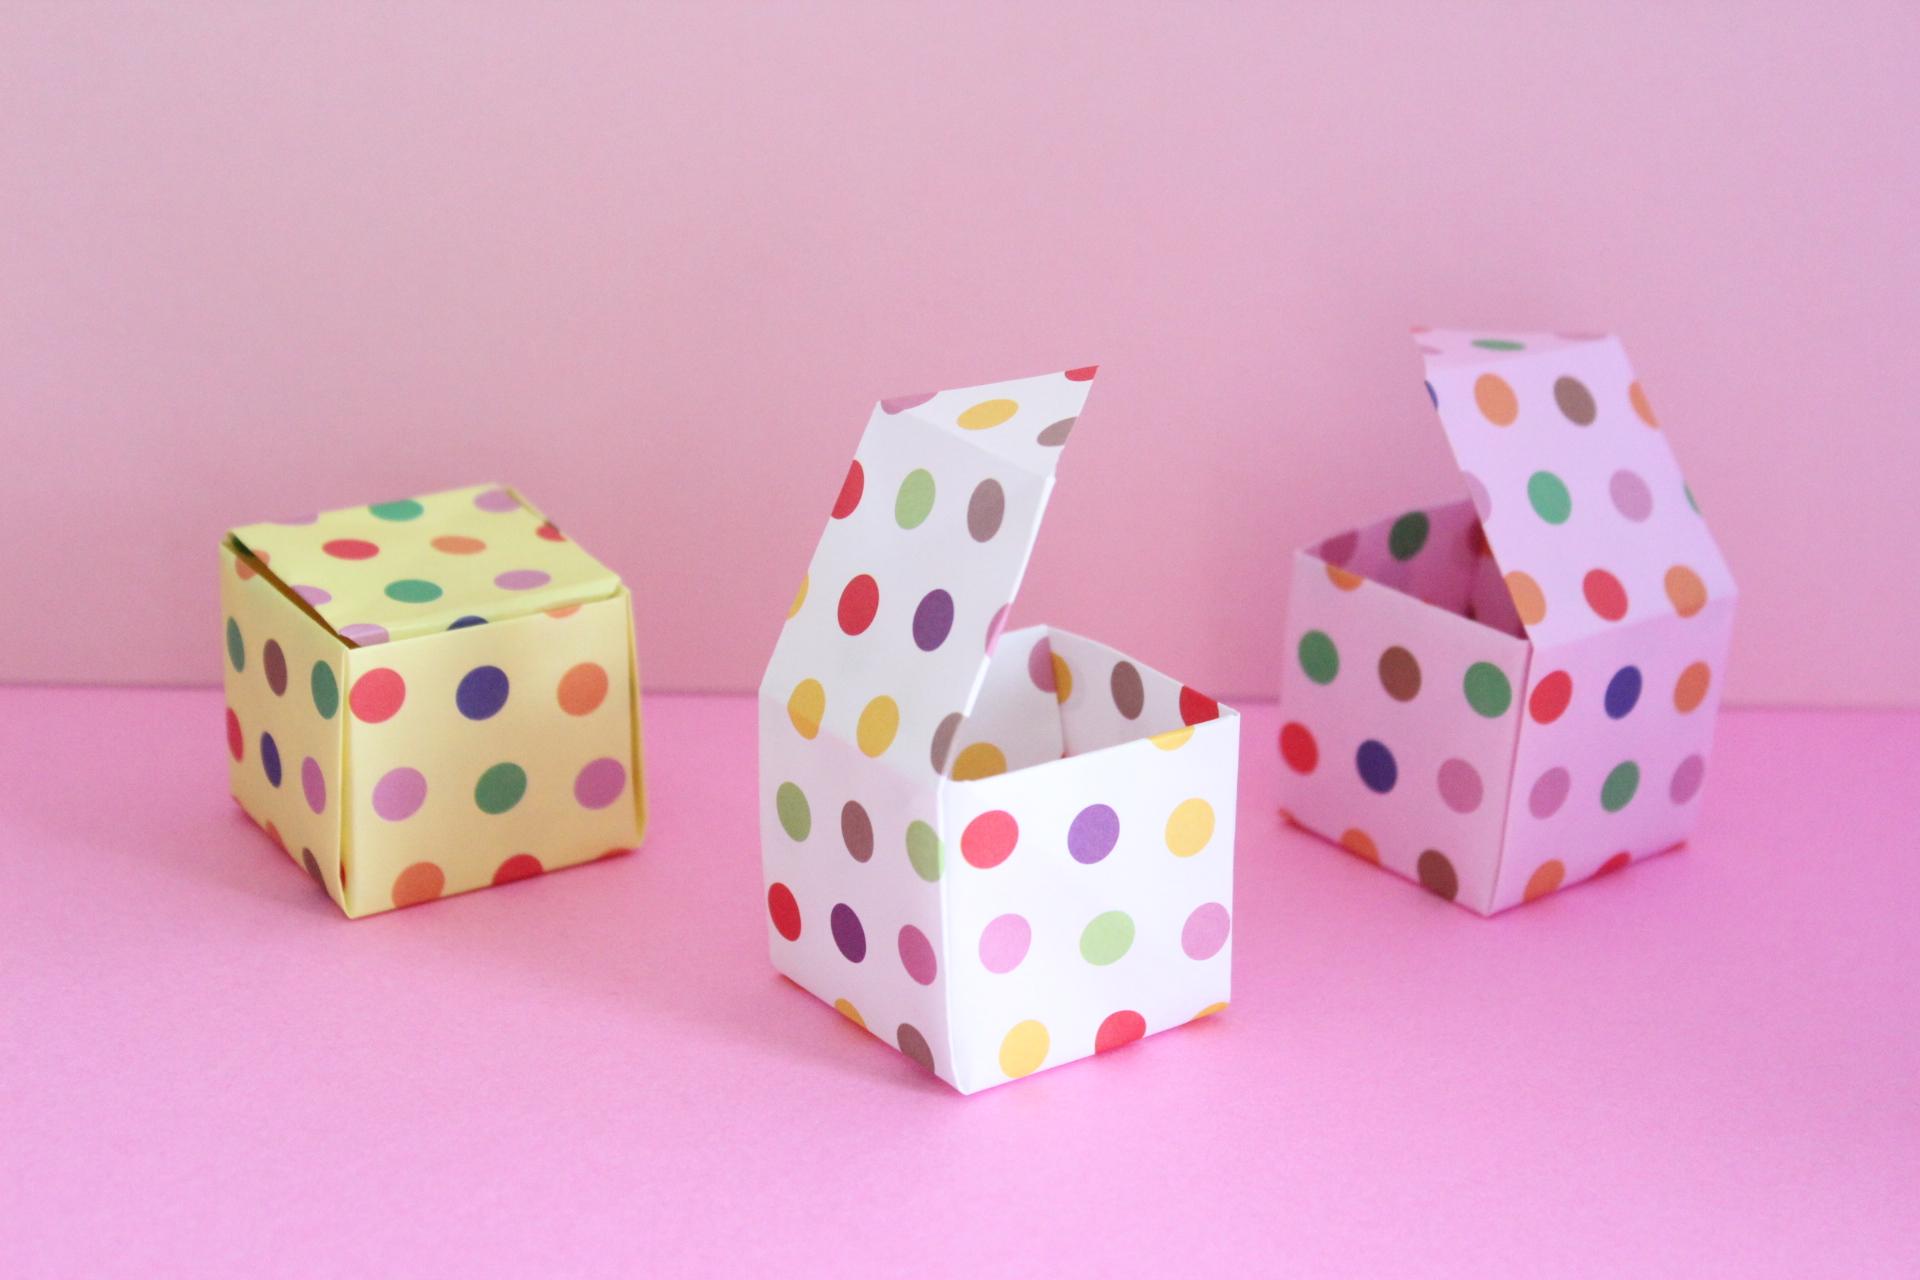 折り紙1枚でフタ付きの箱の折り方